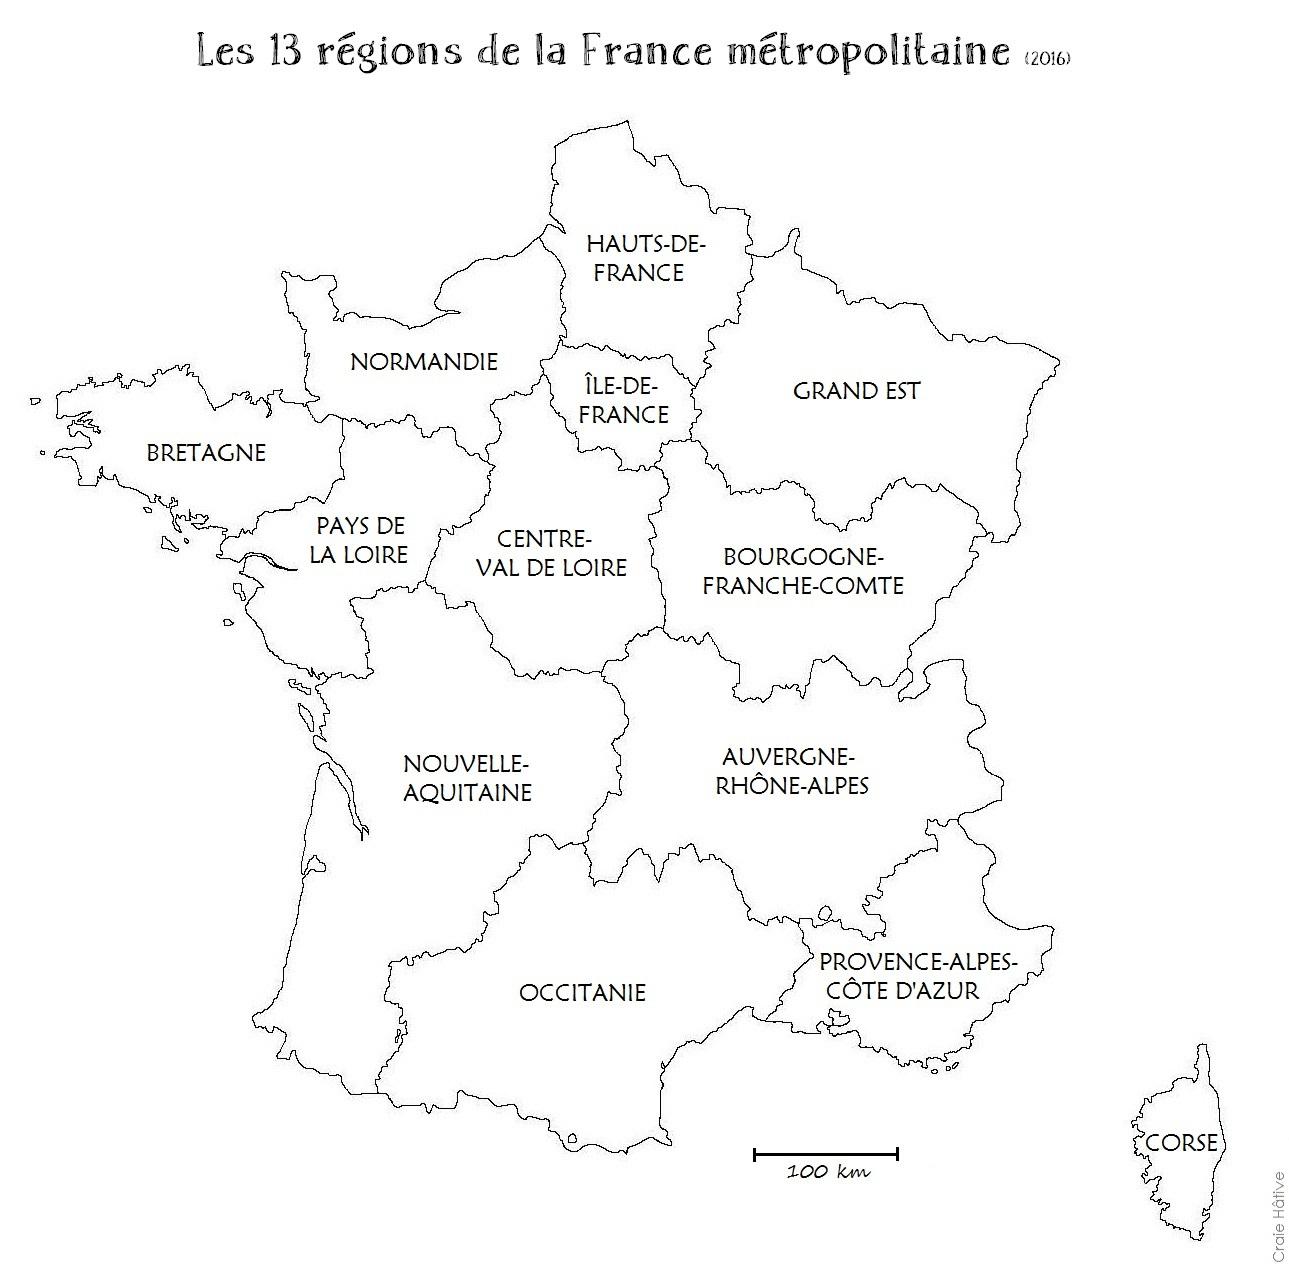 Cartes Des Régions De La France Métropolitaine - 2016 destiné Exercice Carte De France